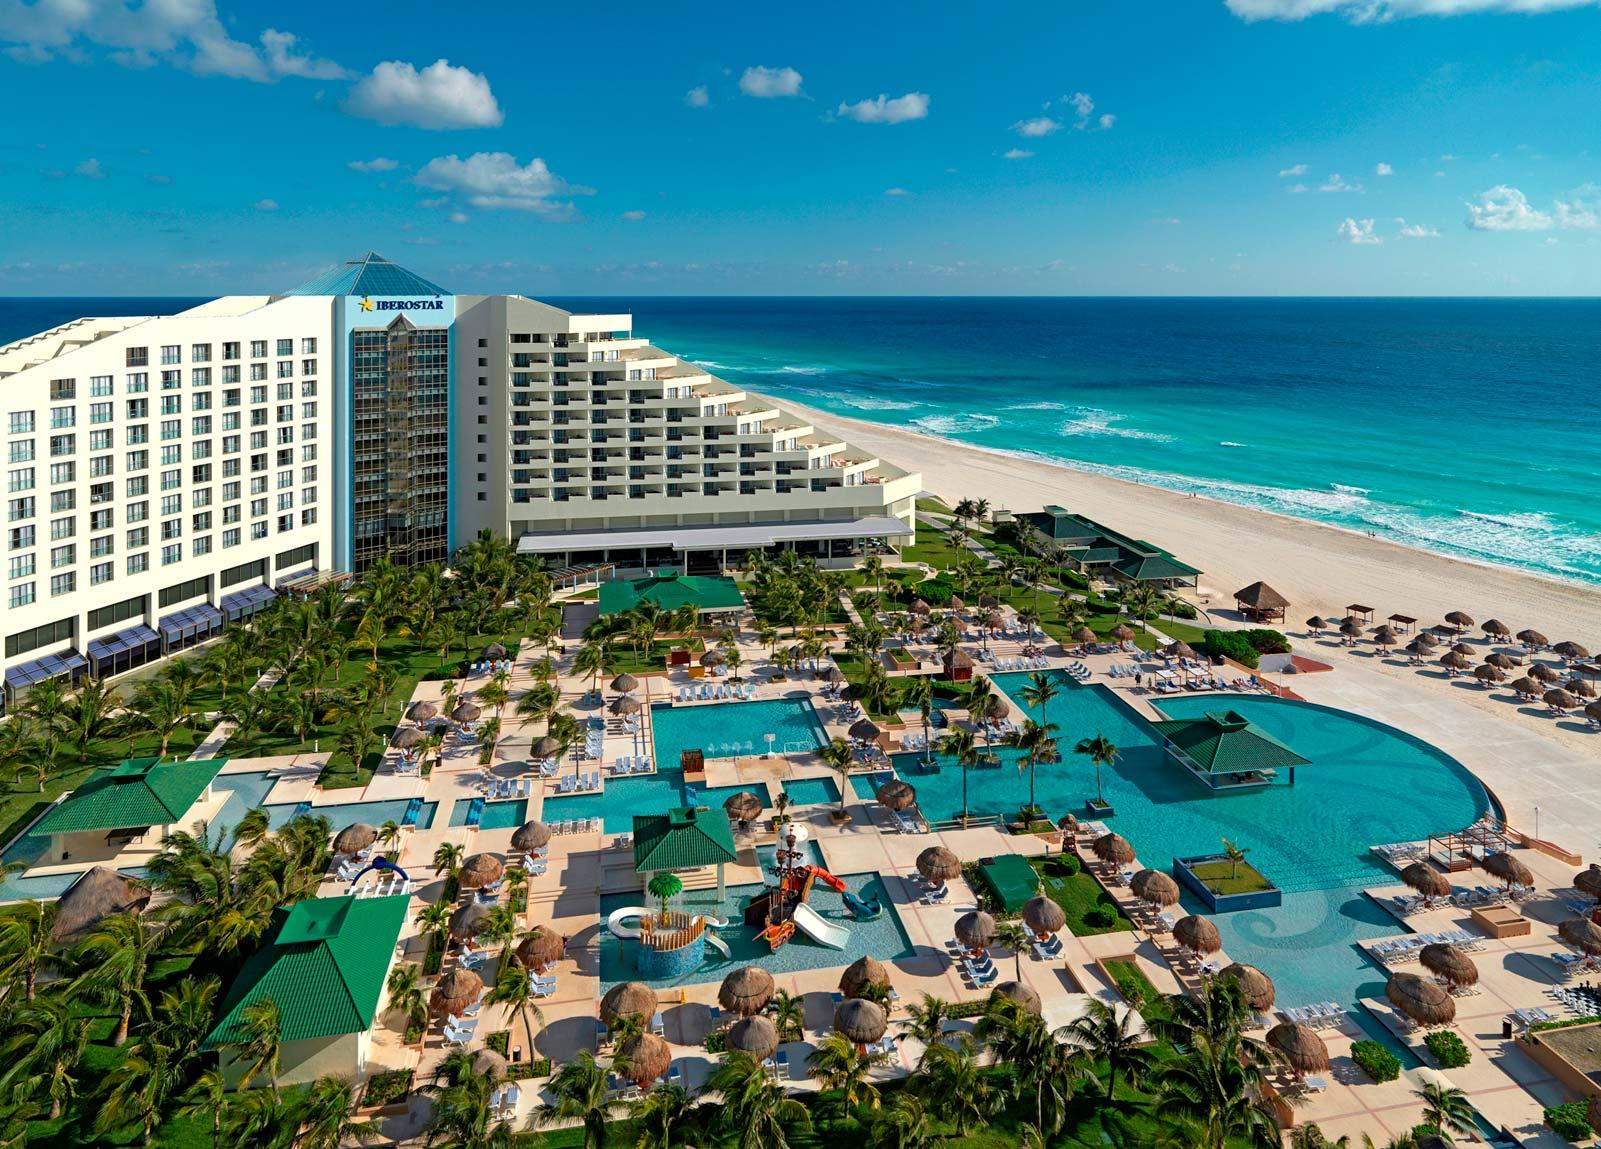 Best Hotels In Cancun Playa Del Carmen